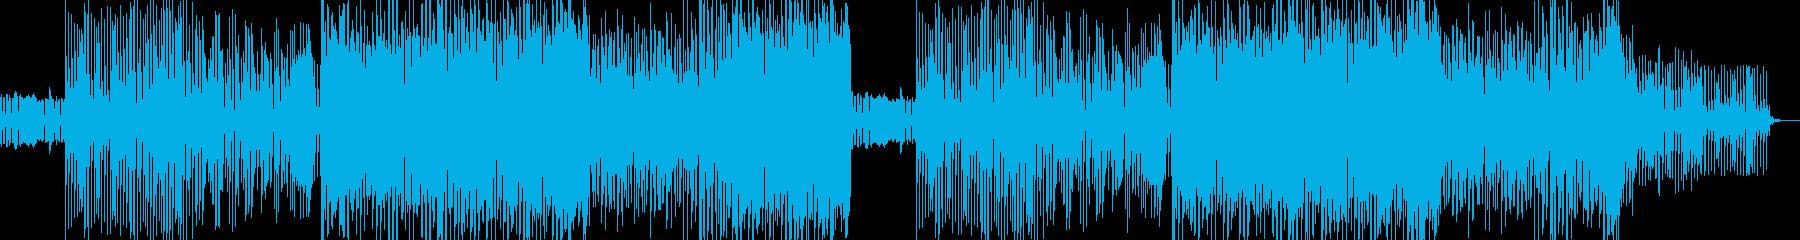 シンプルなEDM風サウンドの再生済みの波形